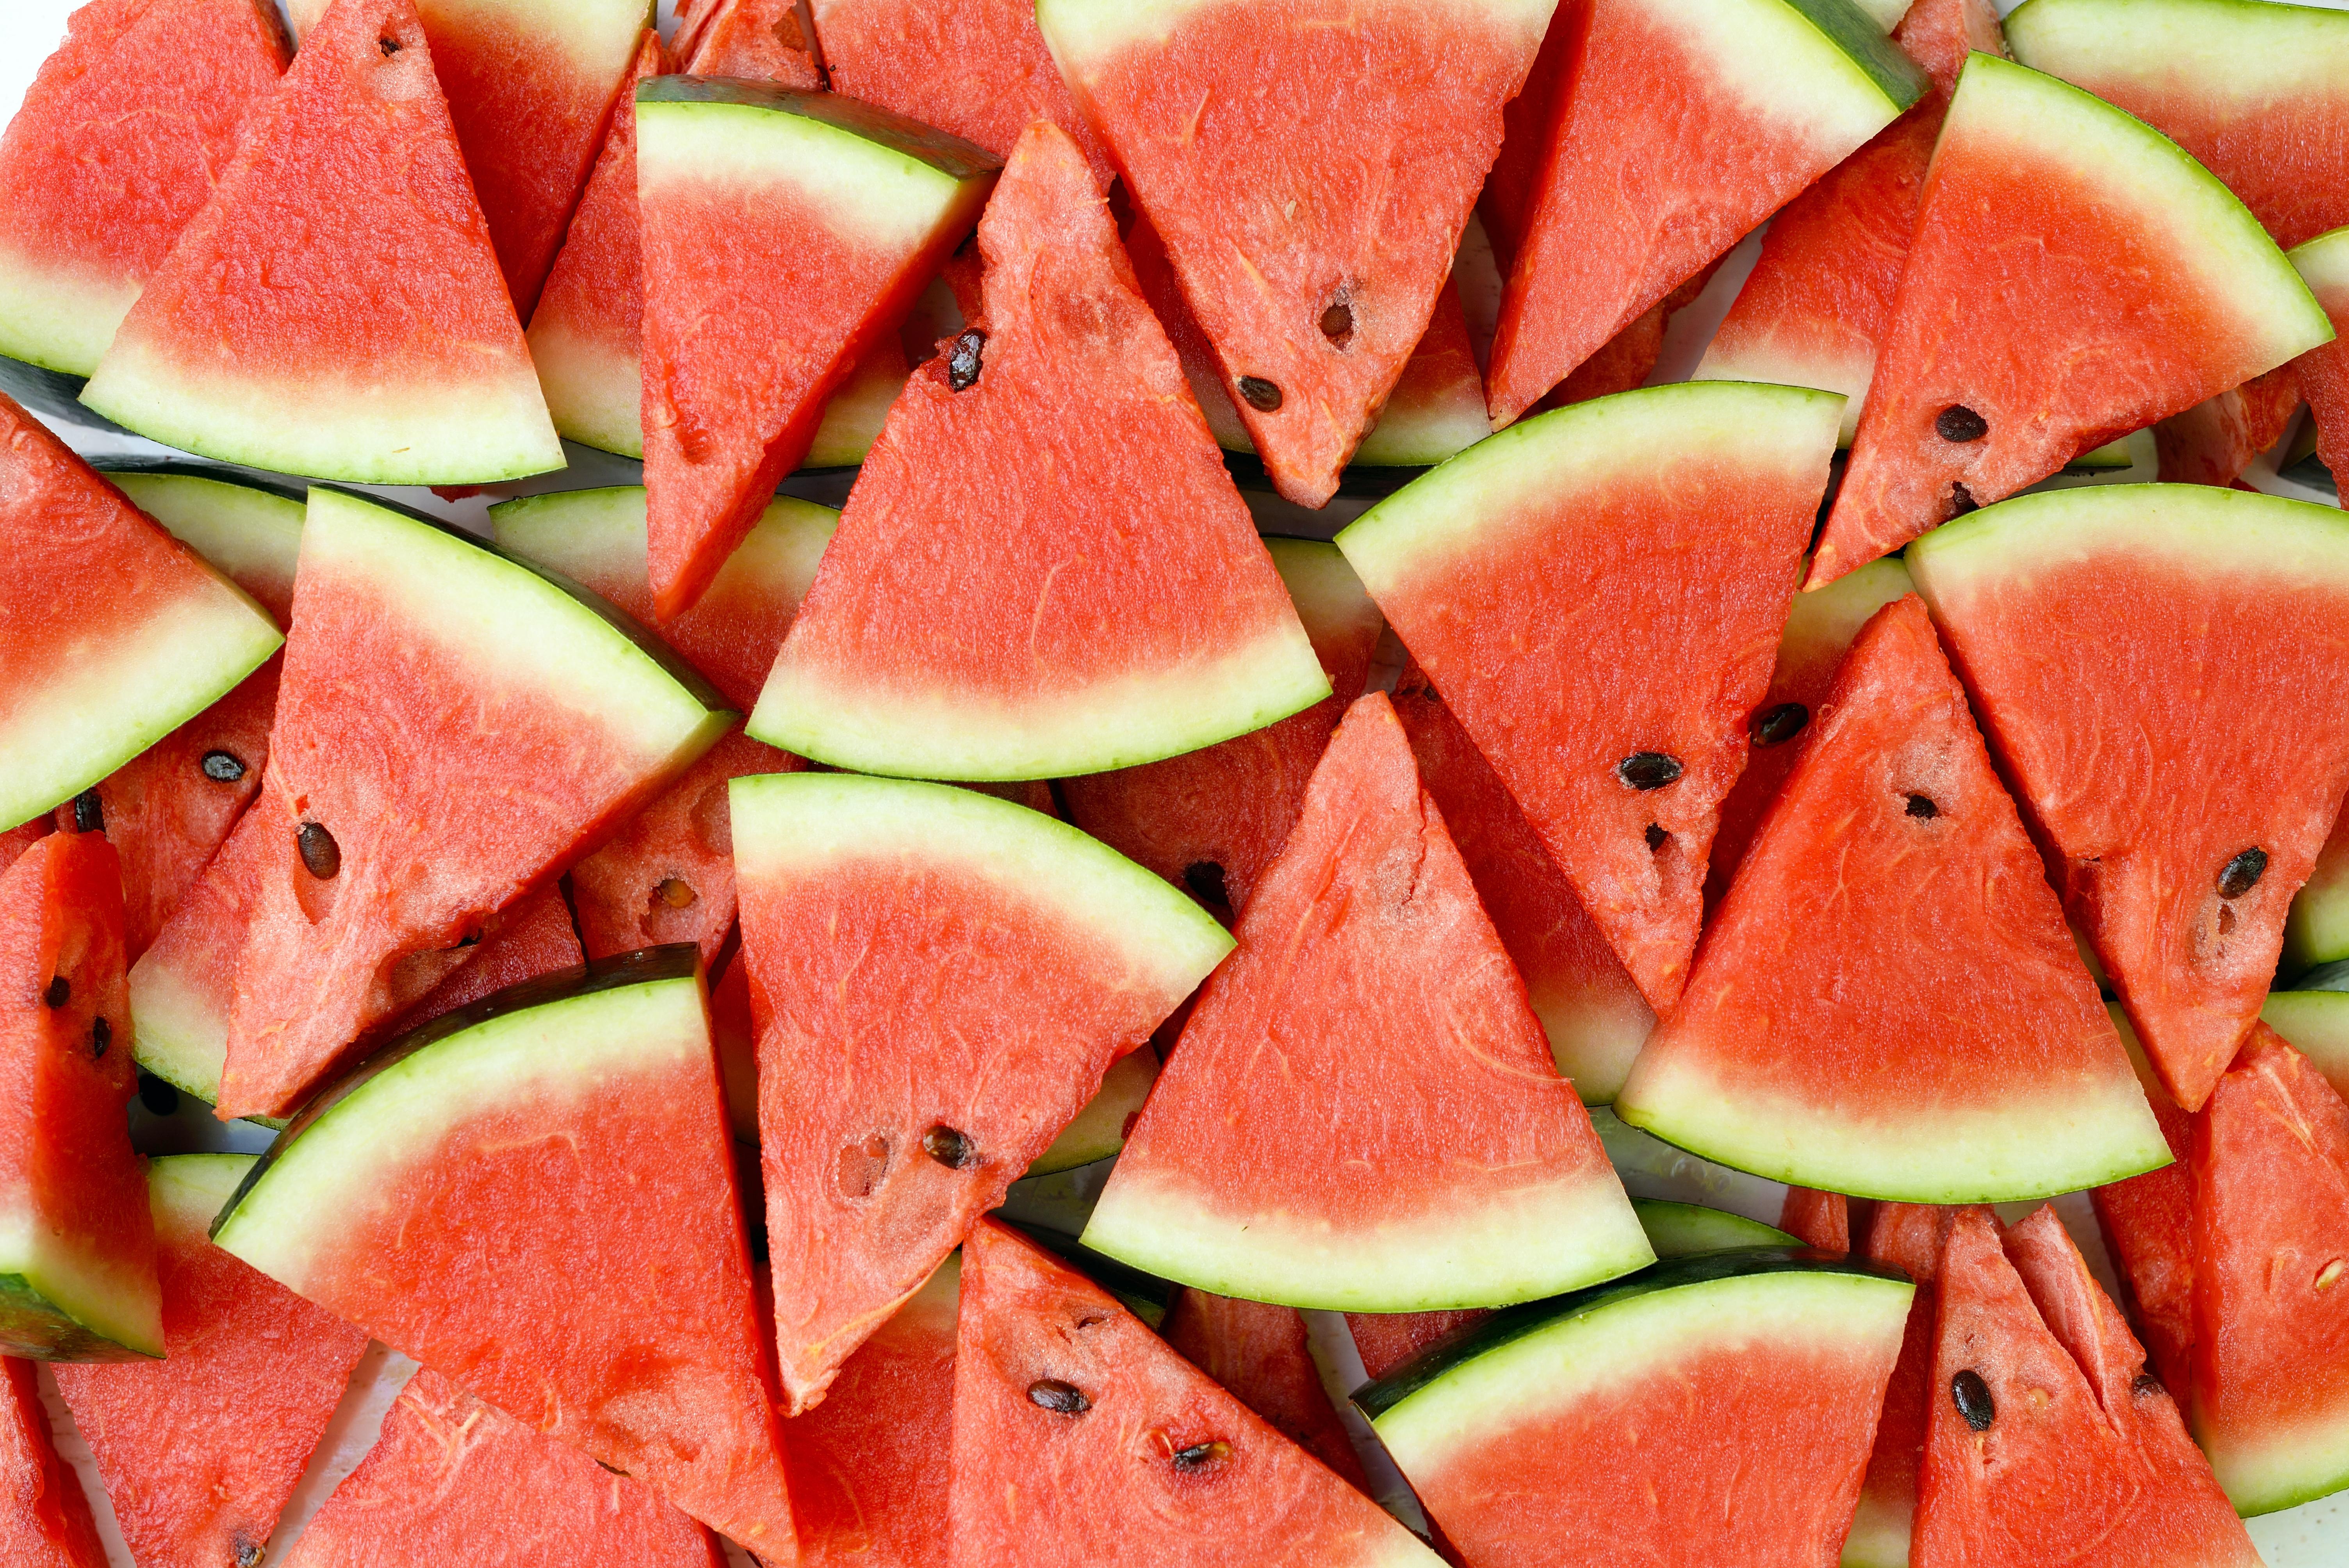 Картинка Текстура Арбузы кусочки Еда 6016x4016 часть Кусок кусочек Пища Продукты питания